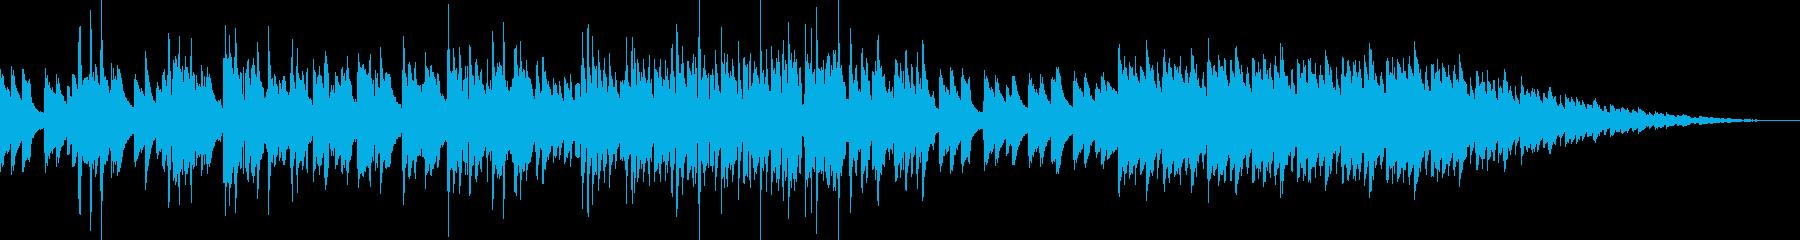 軽快な英語詞のアコースティックソングの再生済みの波形